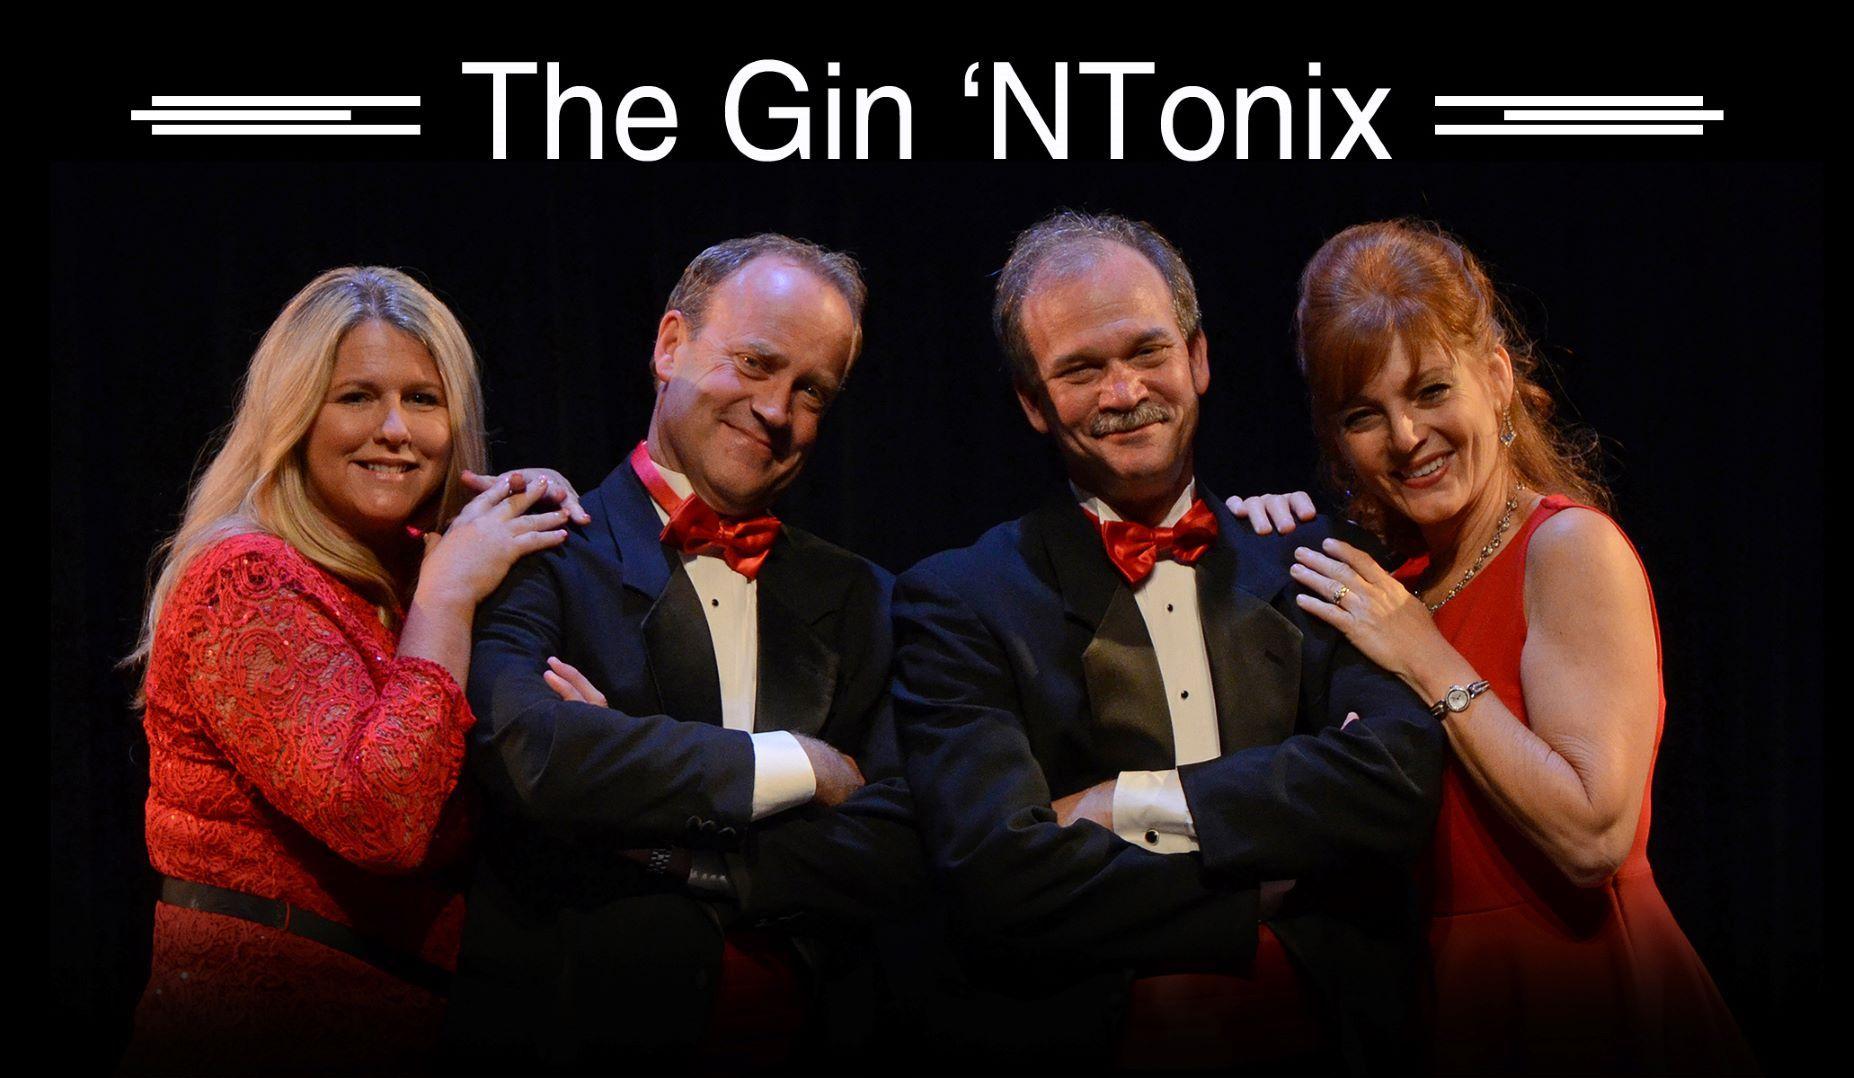 Gin 'NTonix Linear